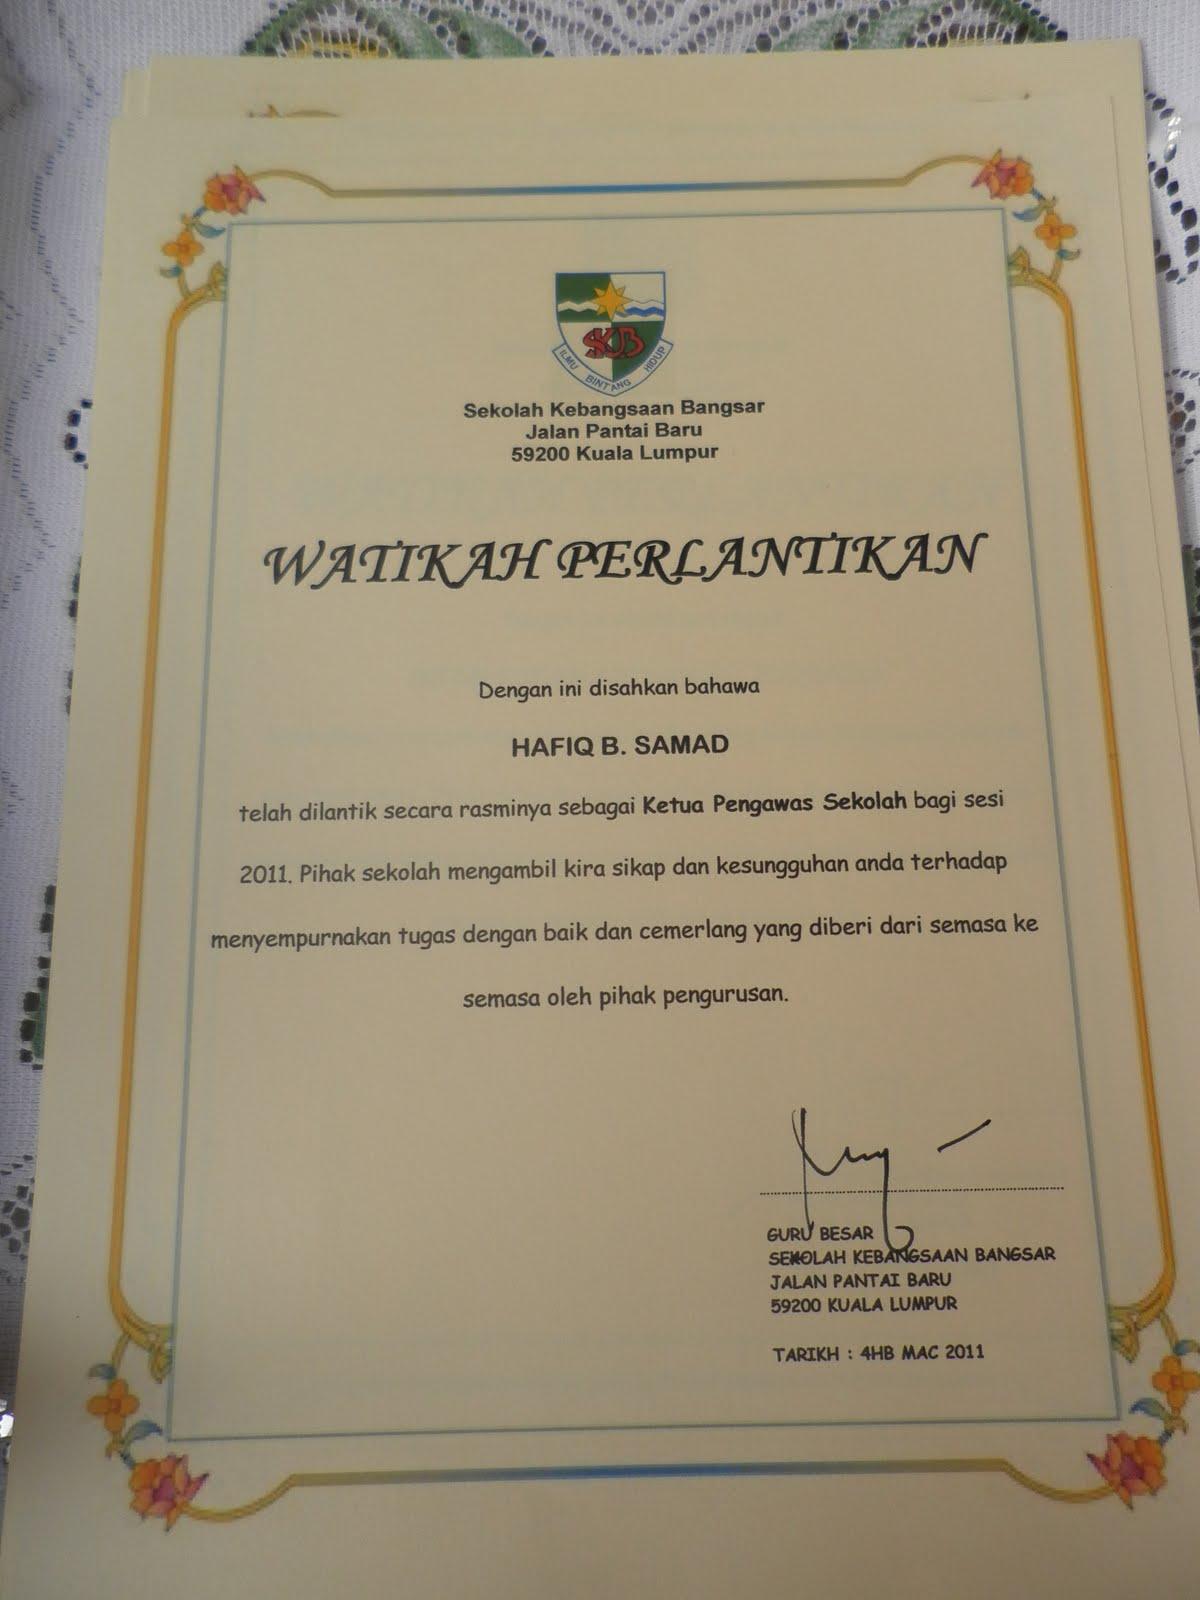 Sekolah Kebangsaan Bangsar Majlis Watikah Pelantikan Pengawas